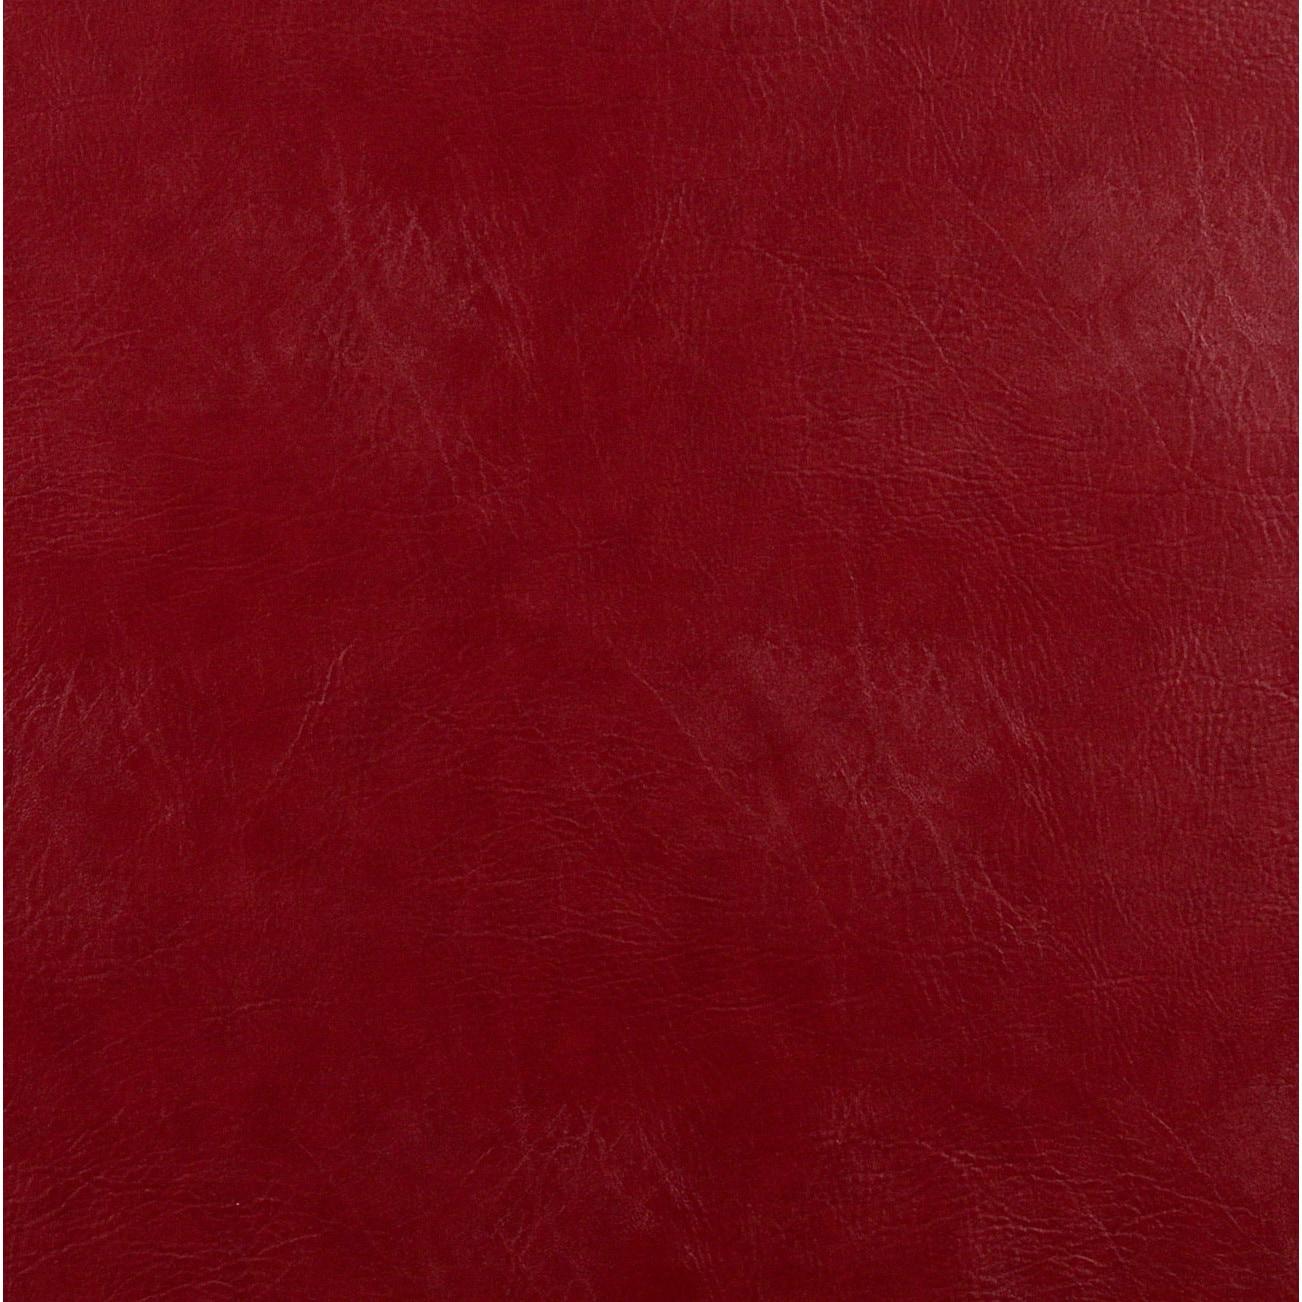 G751 Red Solid Marine Grade Vinyl (Sample) (Fabric)